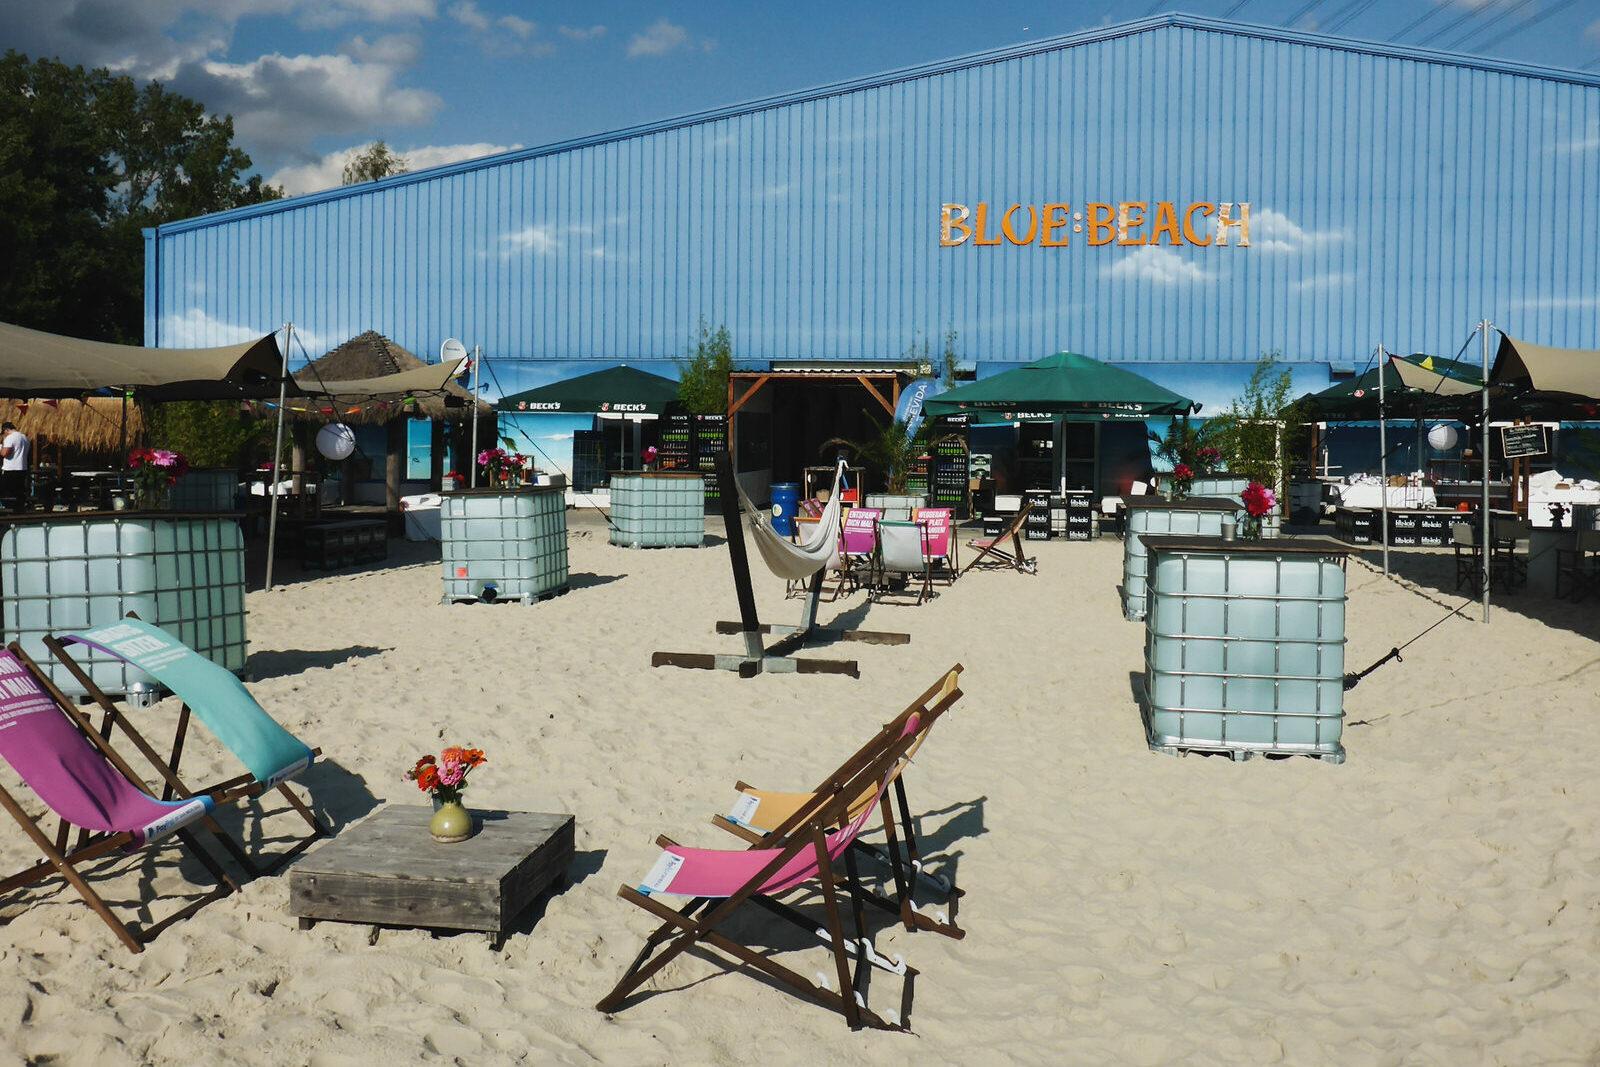 blue_beach_witten_großevents_veranstaltungen_ruhrgebiet_web_121